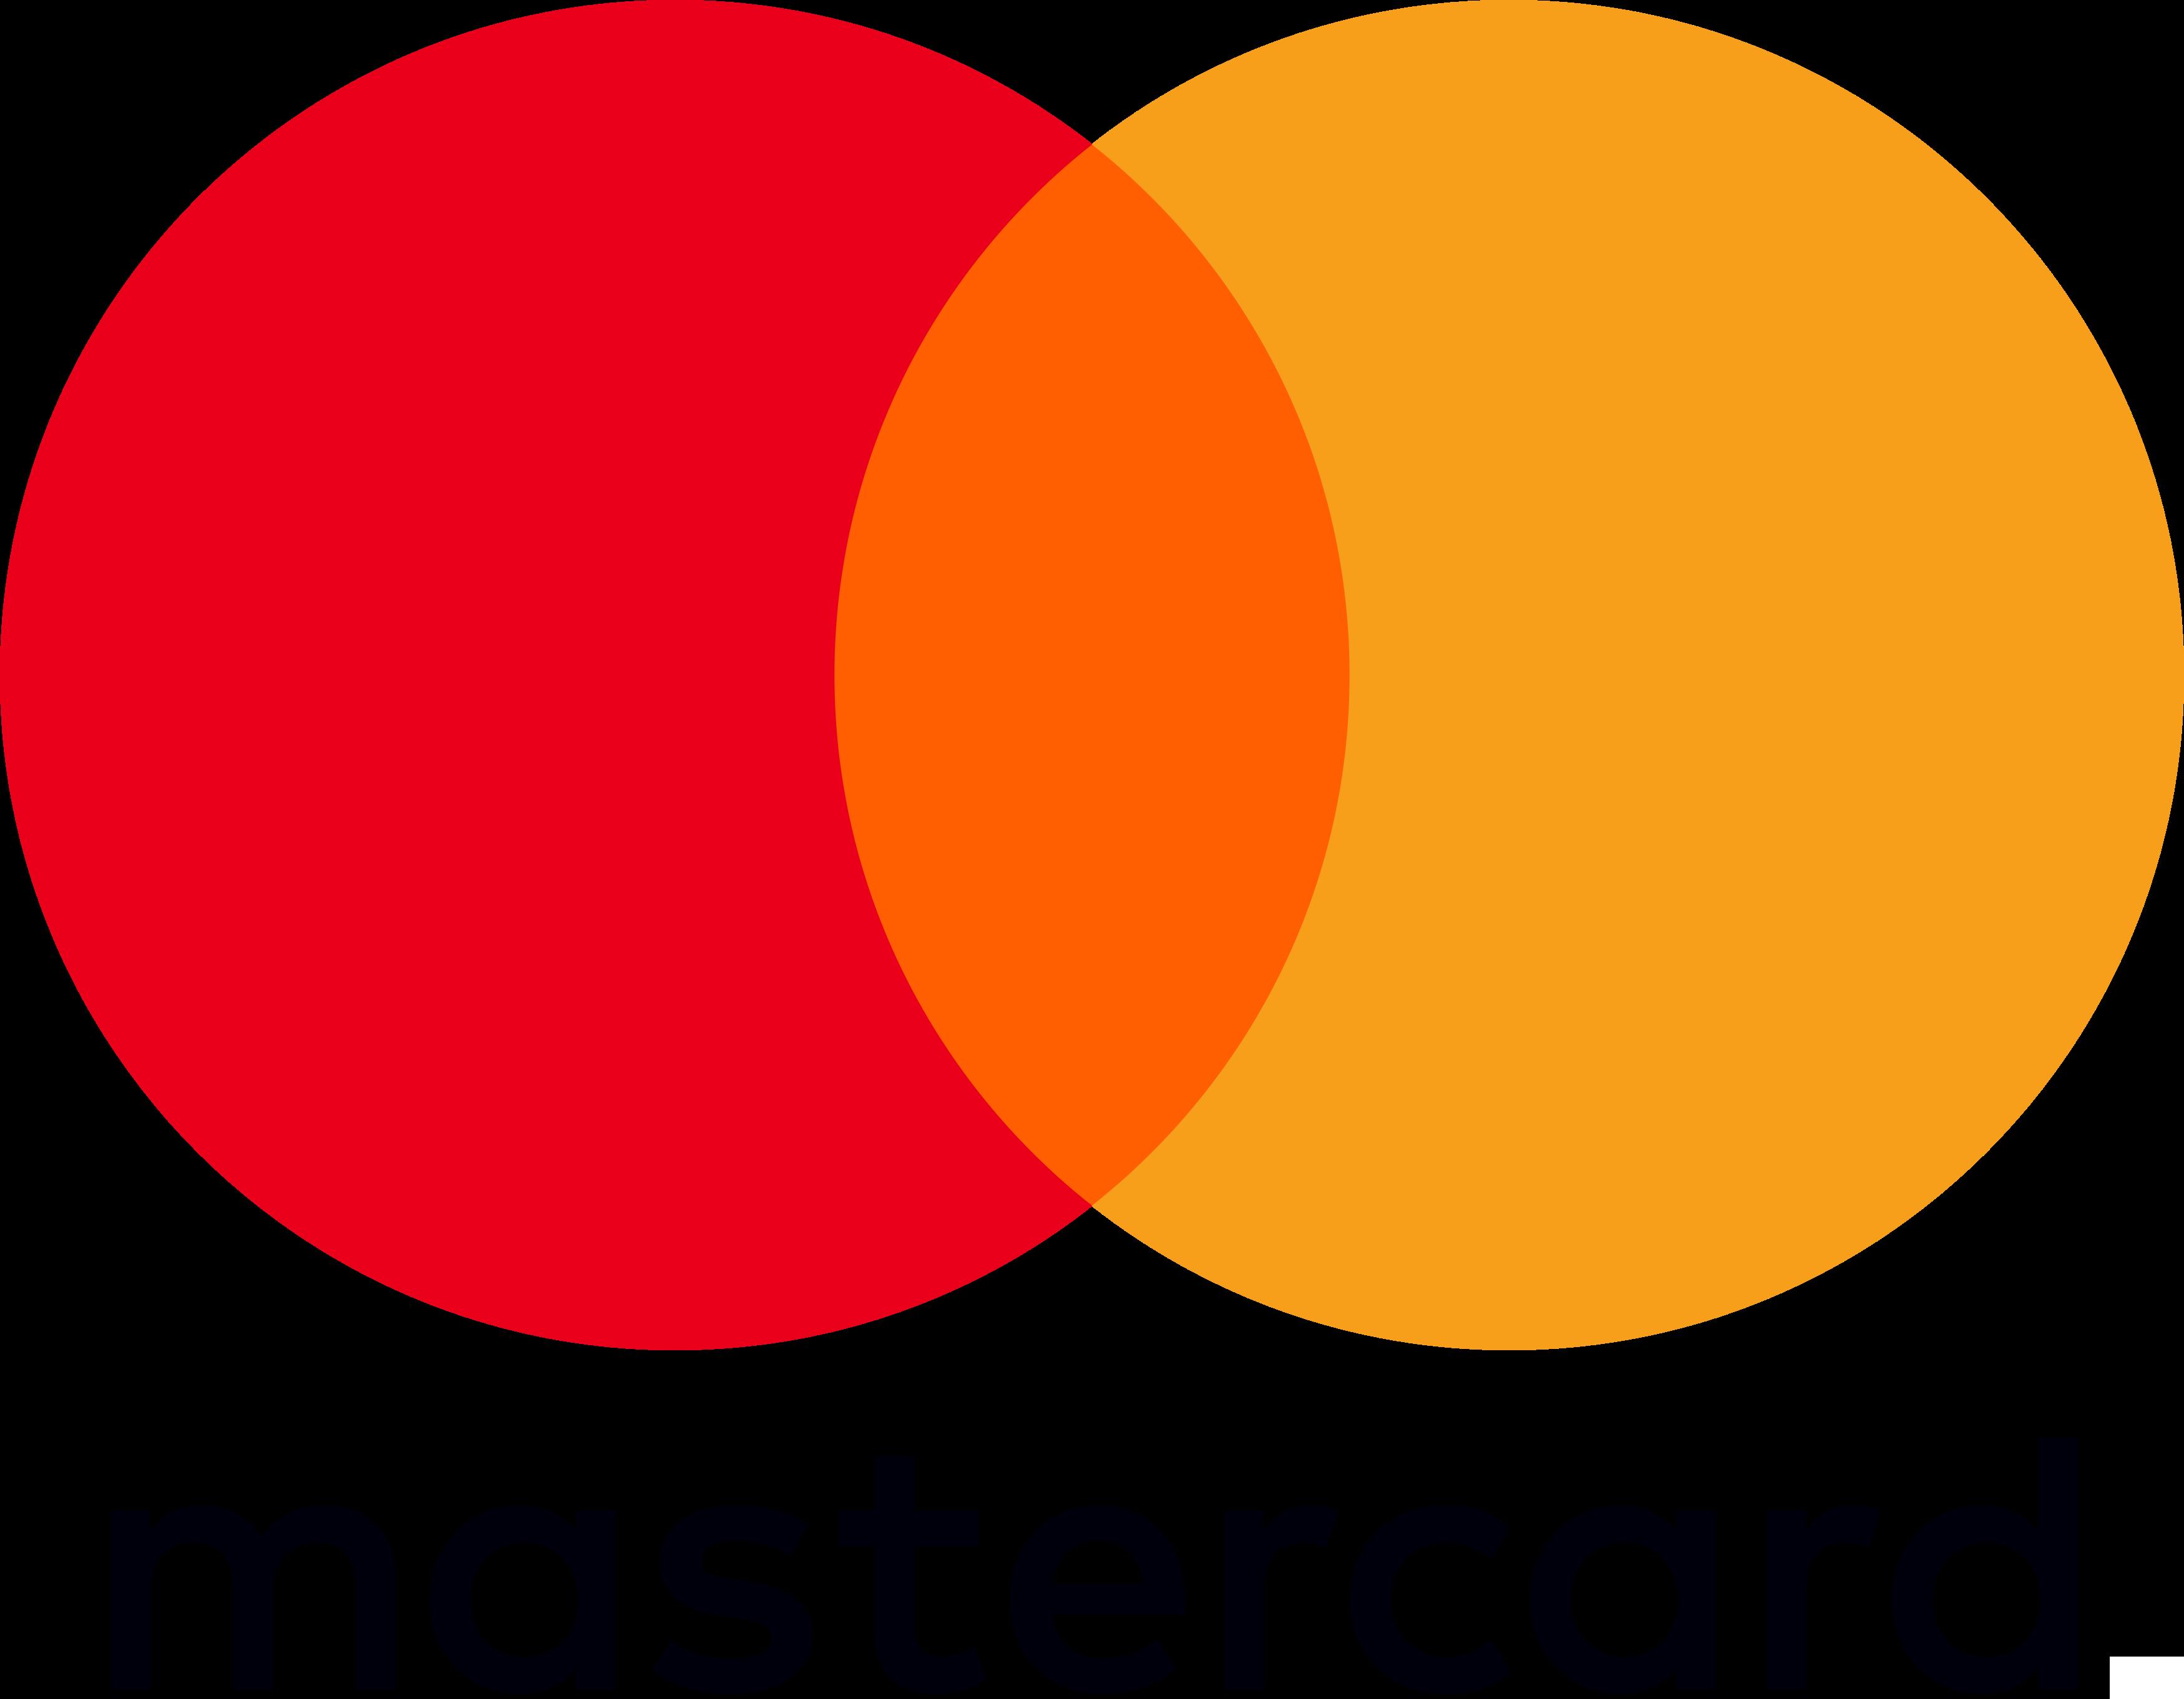 mastercard logo 7 - MasterCard Logo